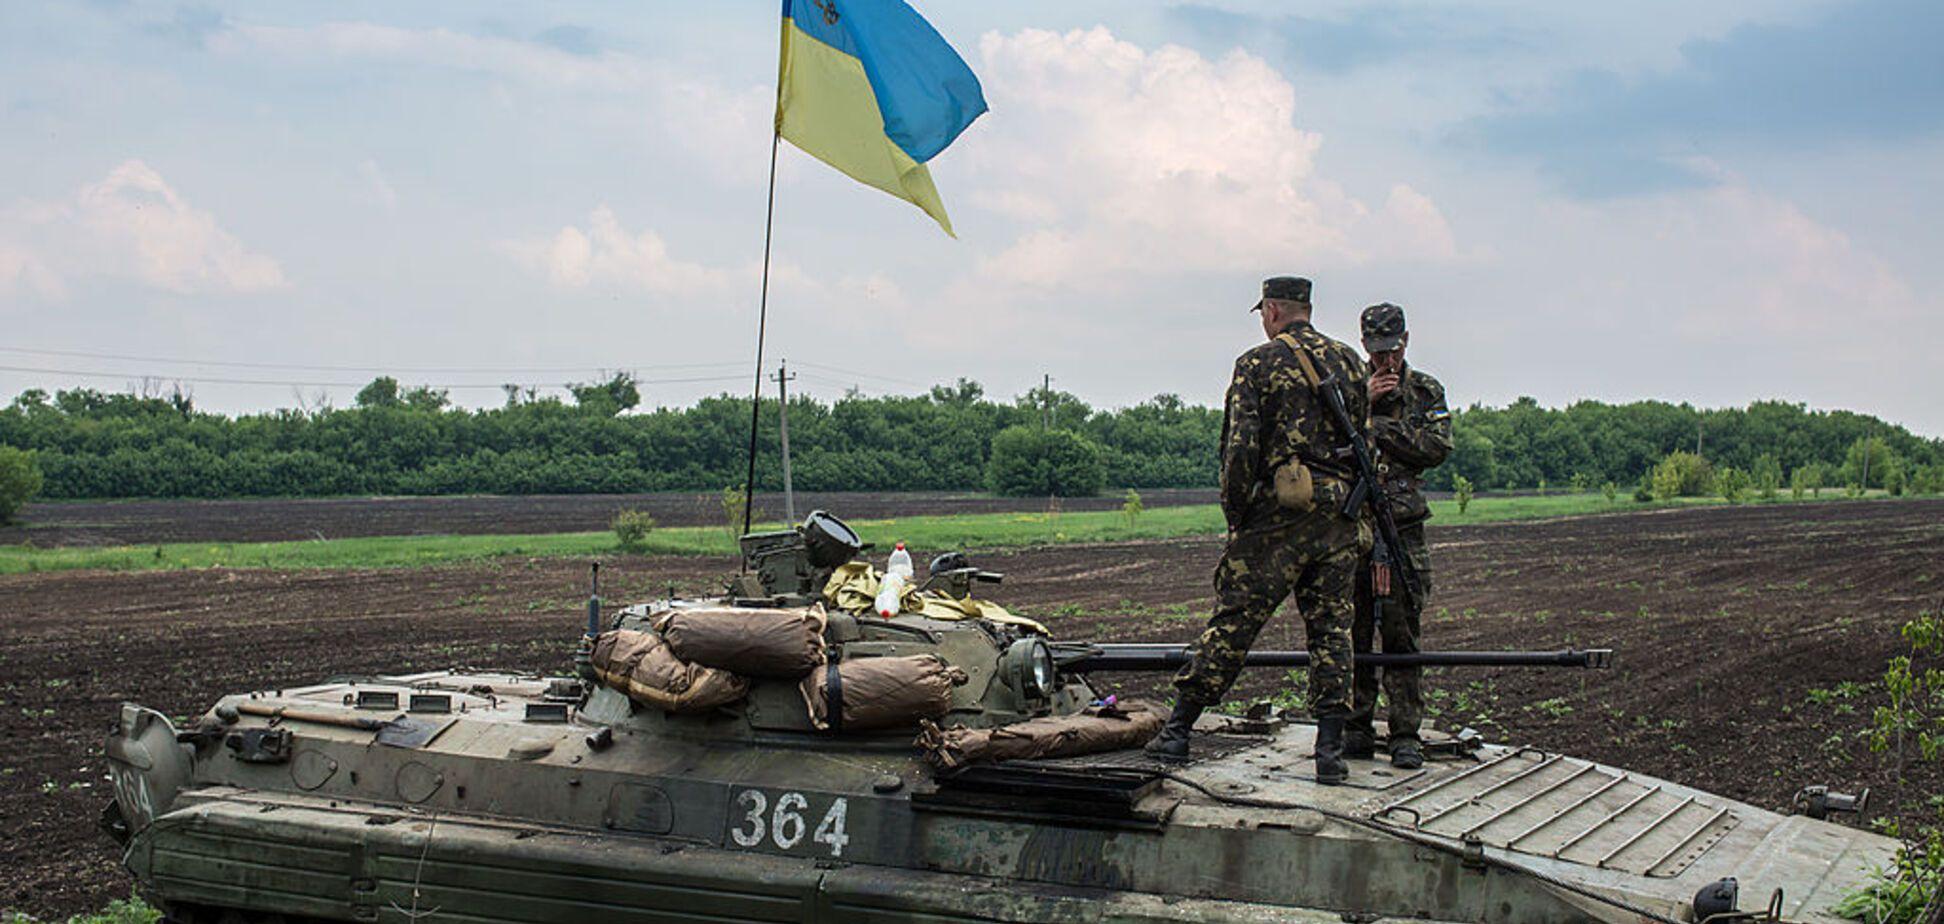 Терористи 'Л/ДНР' атакують: багато поранених серед бійців АТО